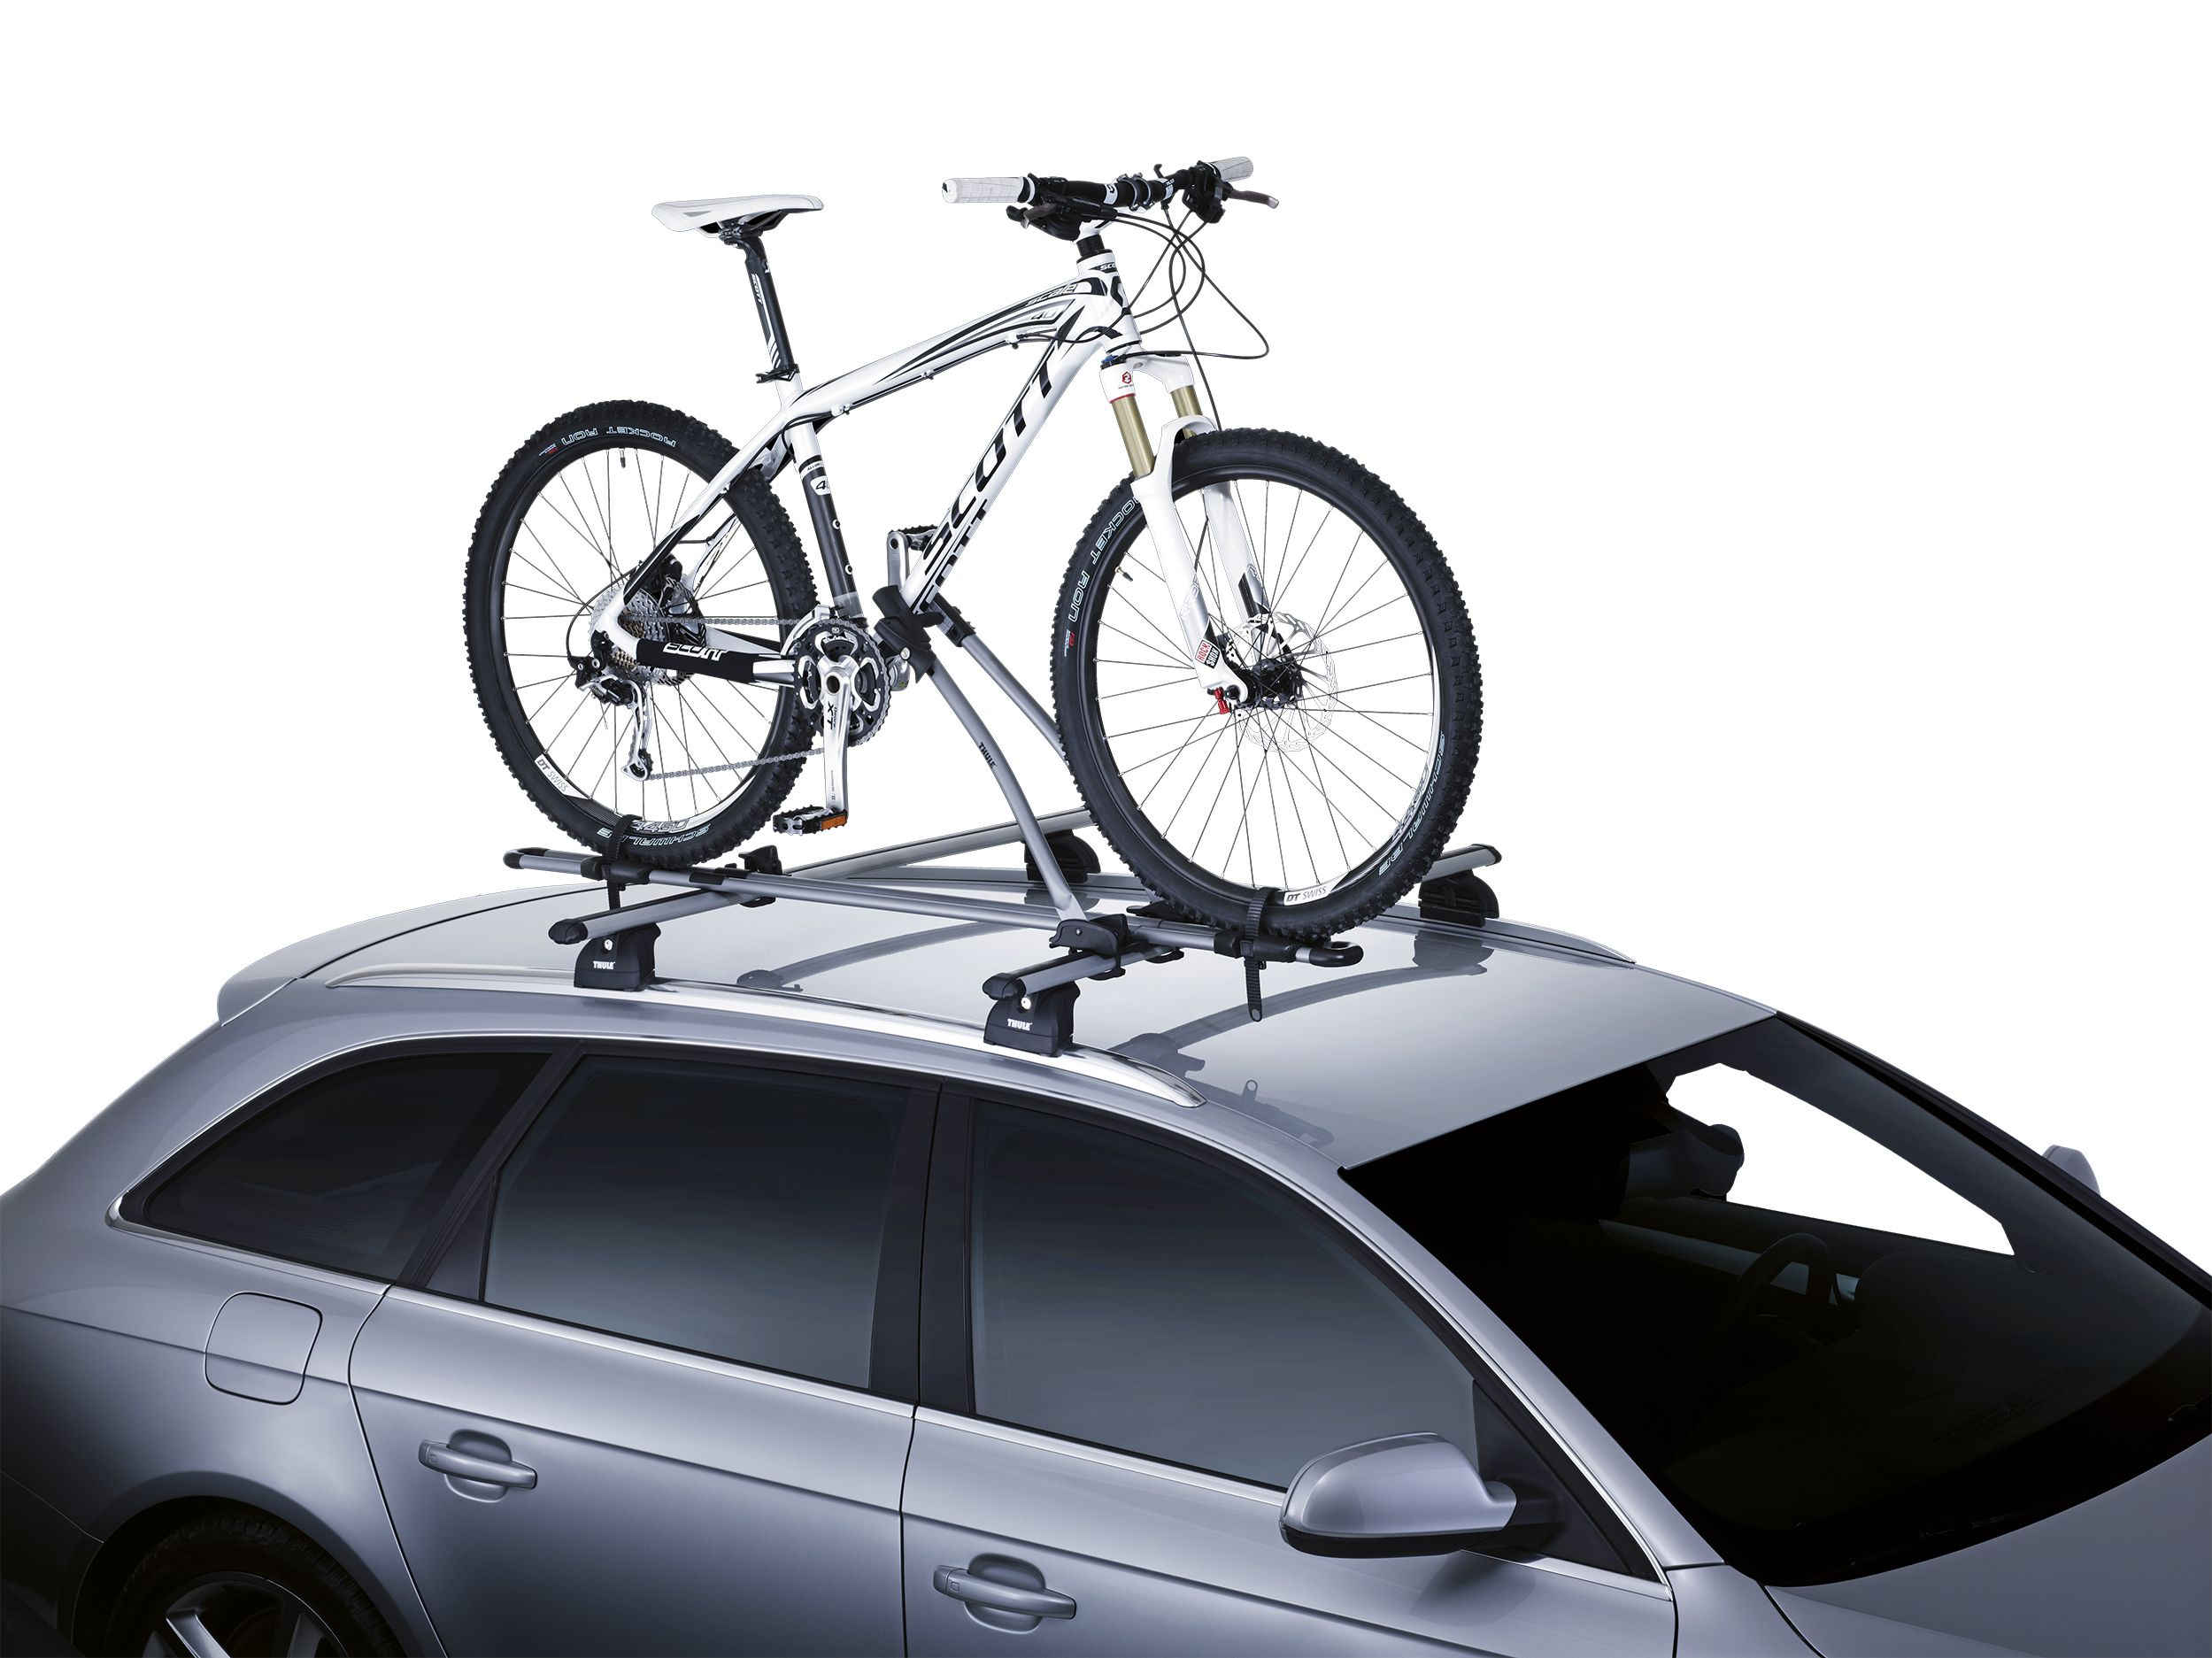 Thule FreeRide 532 Cycle Carrier bikerack cyclecarrier